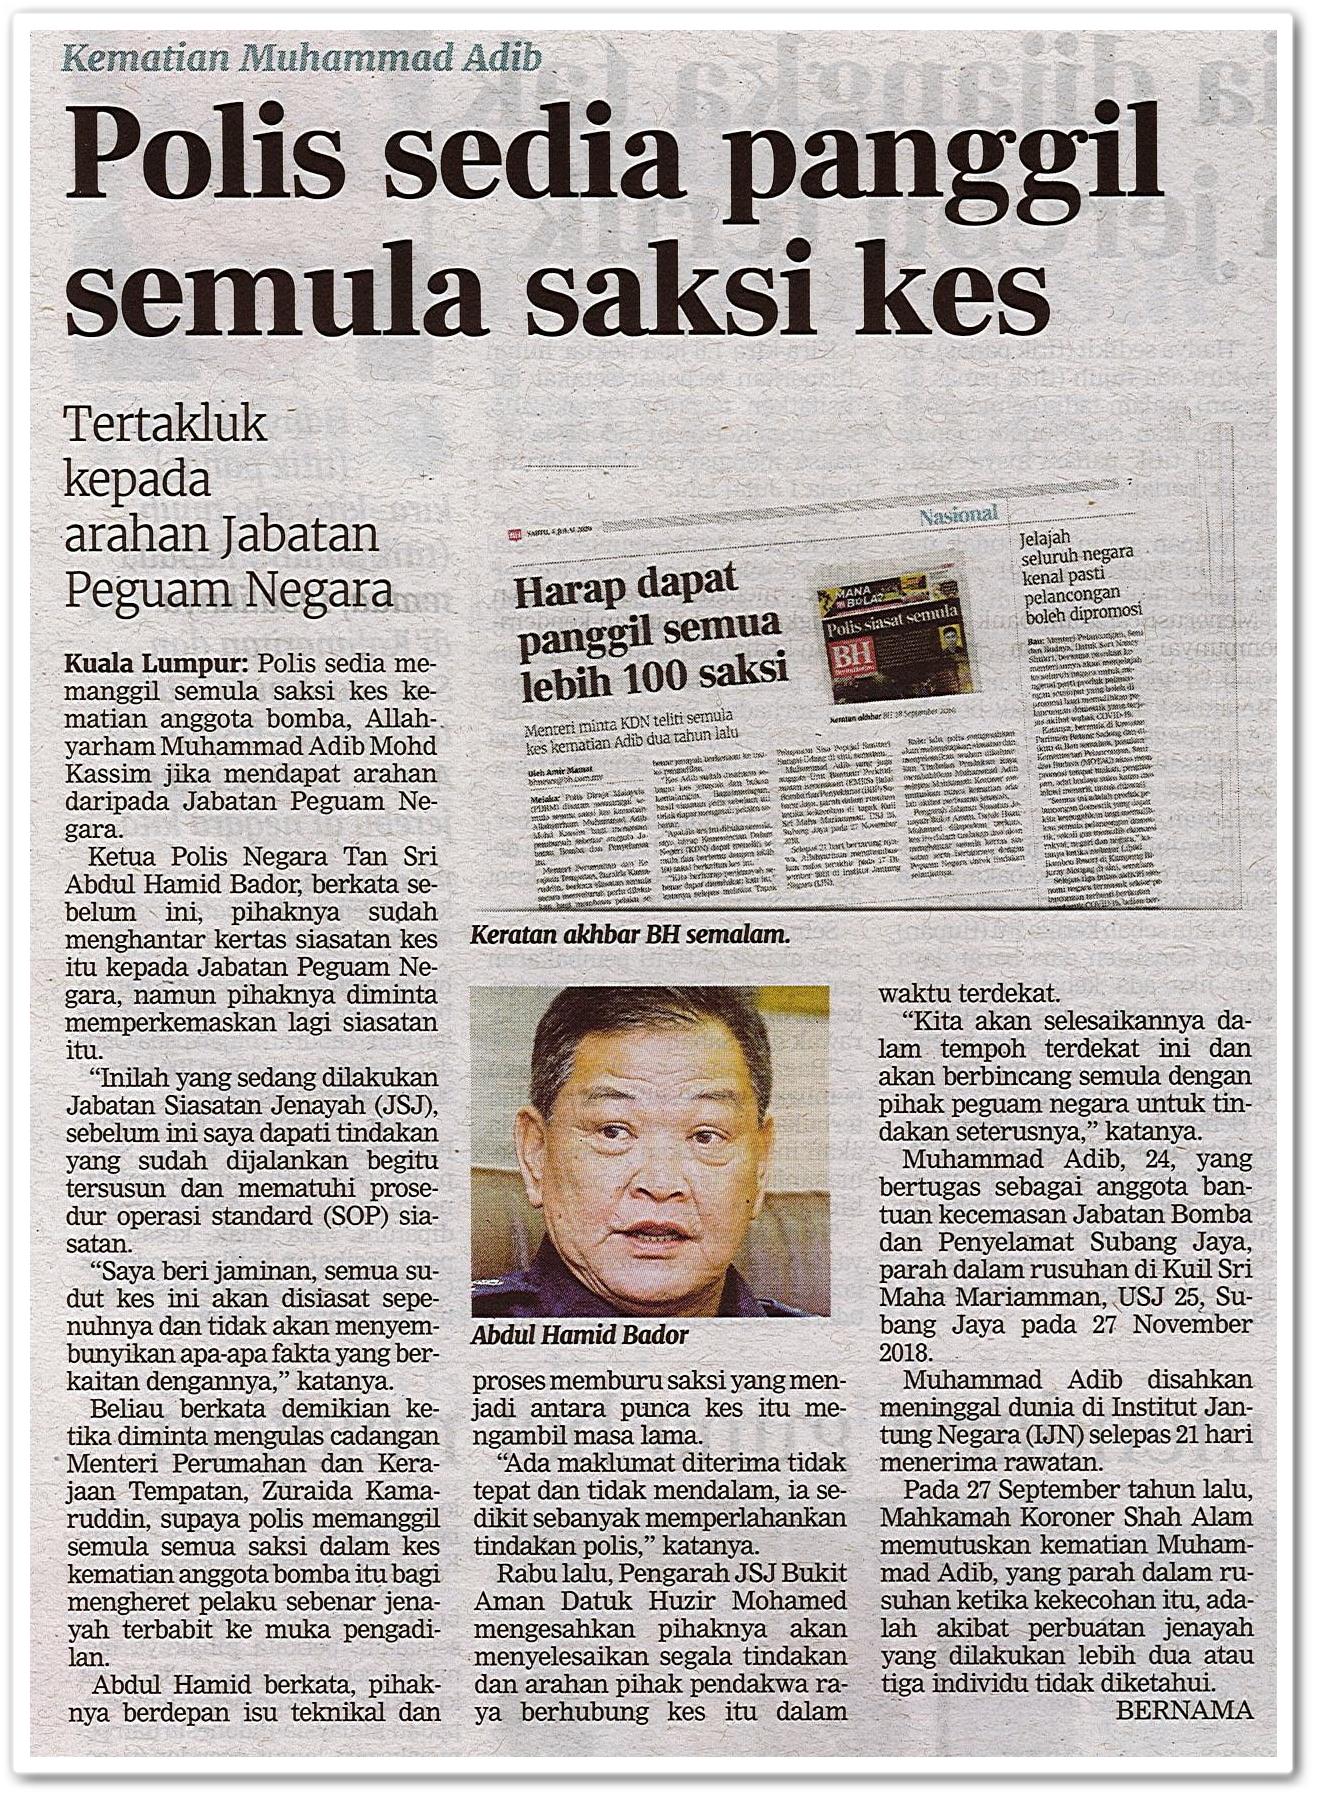 Polis sedia panggil semula saksi kes - Keratan akhbar Berita Harian 5 Julai 2020